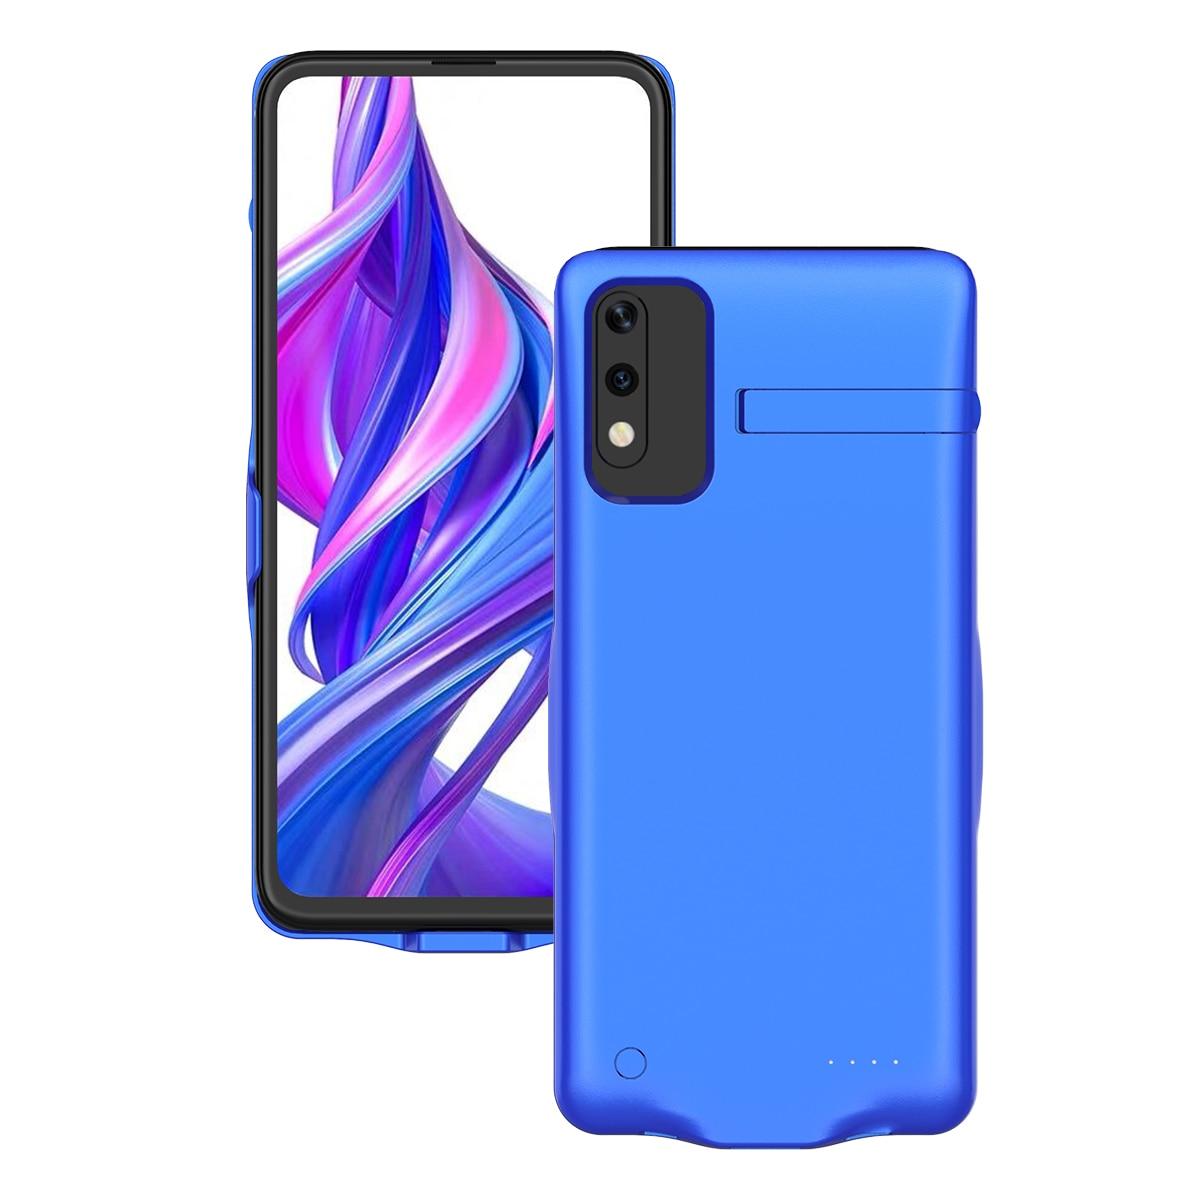 Для Huawei Honor 9X6500 мАч чехол для зарядного устройства Расширенный аккумулятор запасная Мощность Защитный чехол противоударный задний Чехол бант Funda - Цвет: Синий